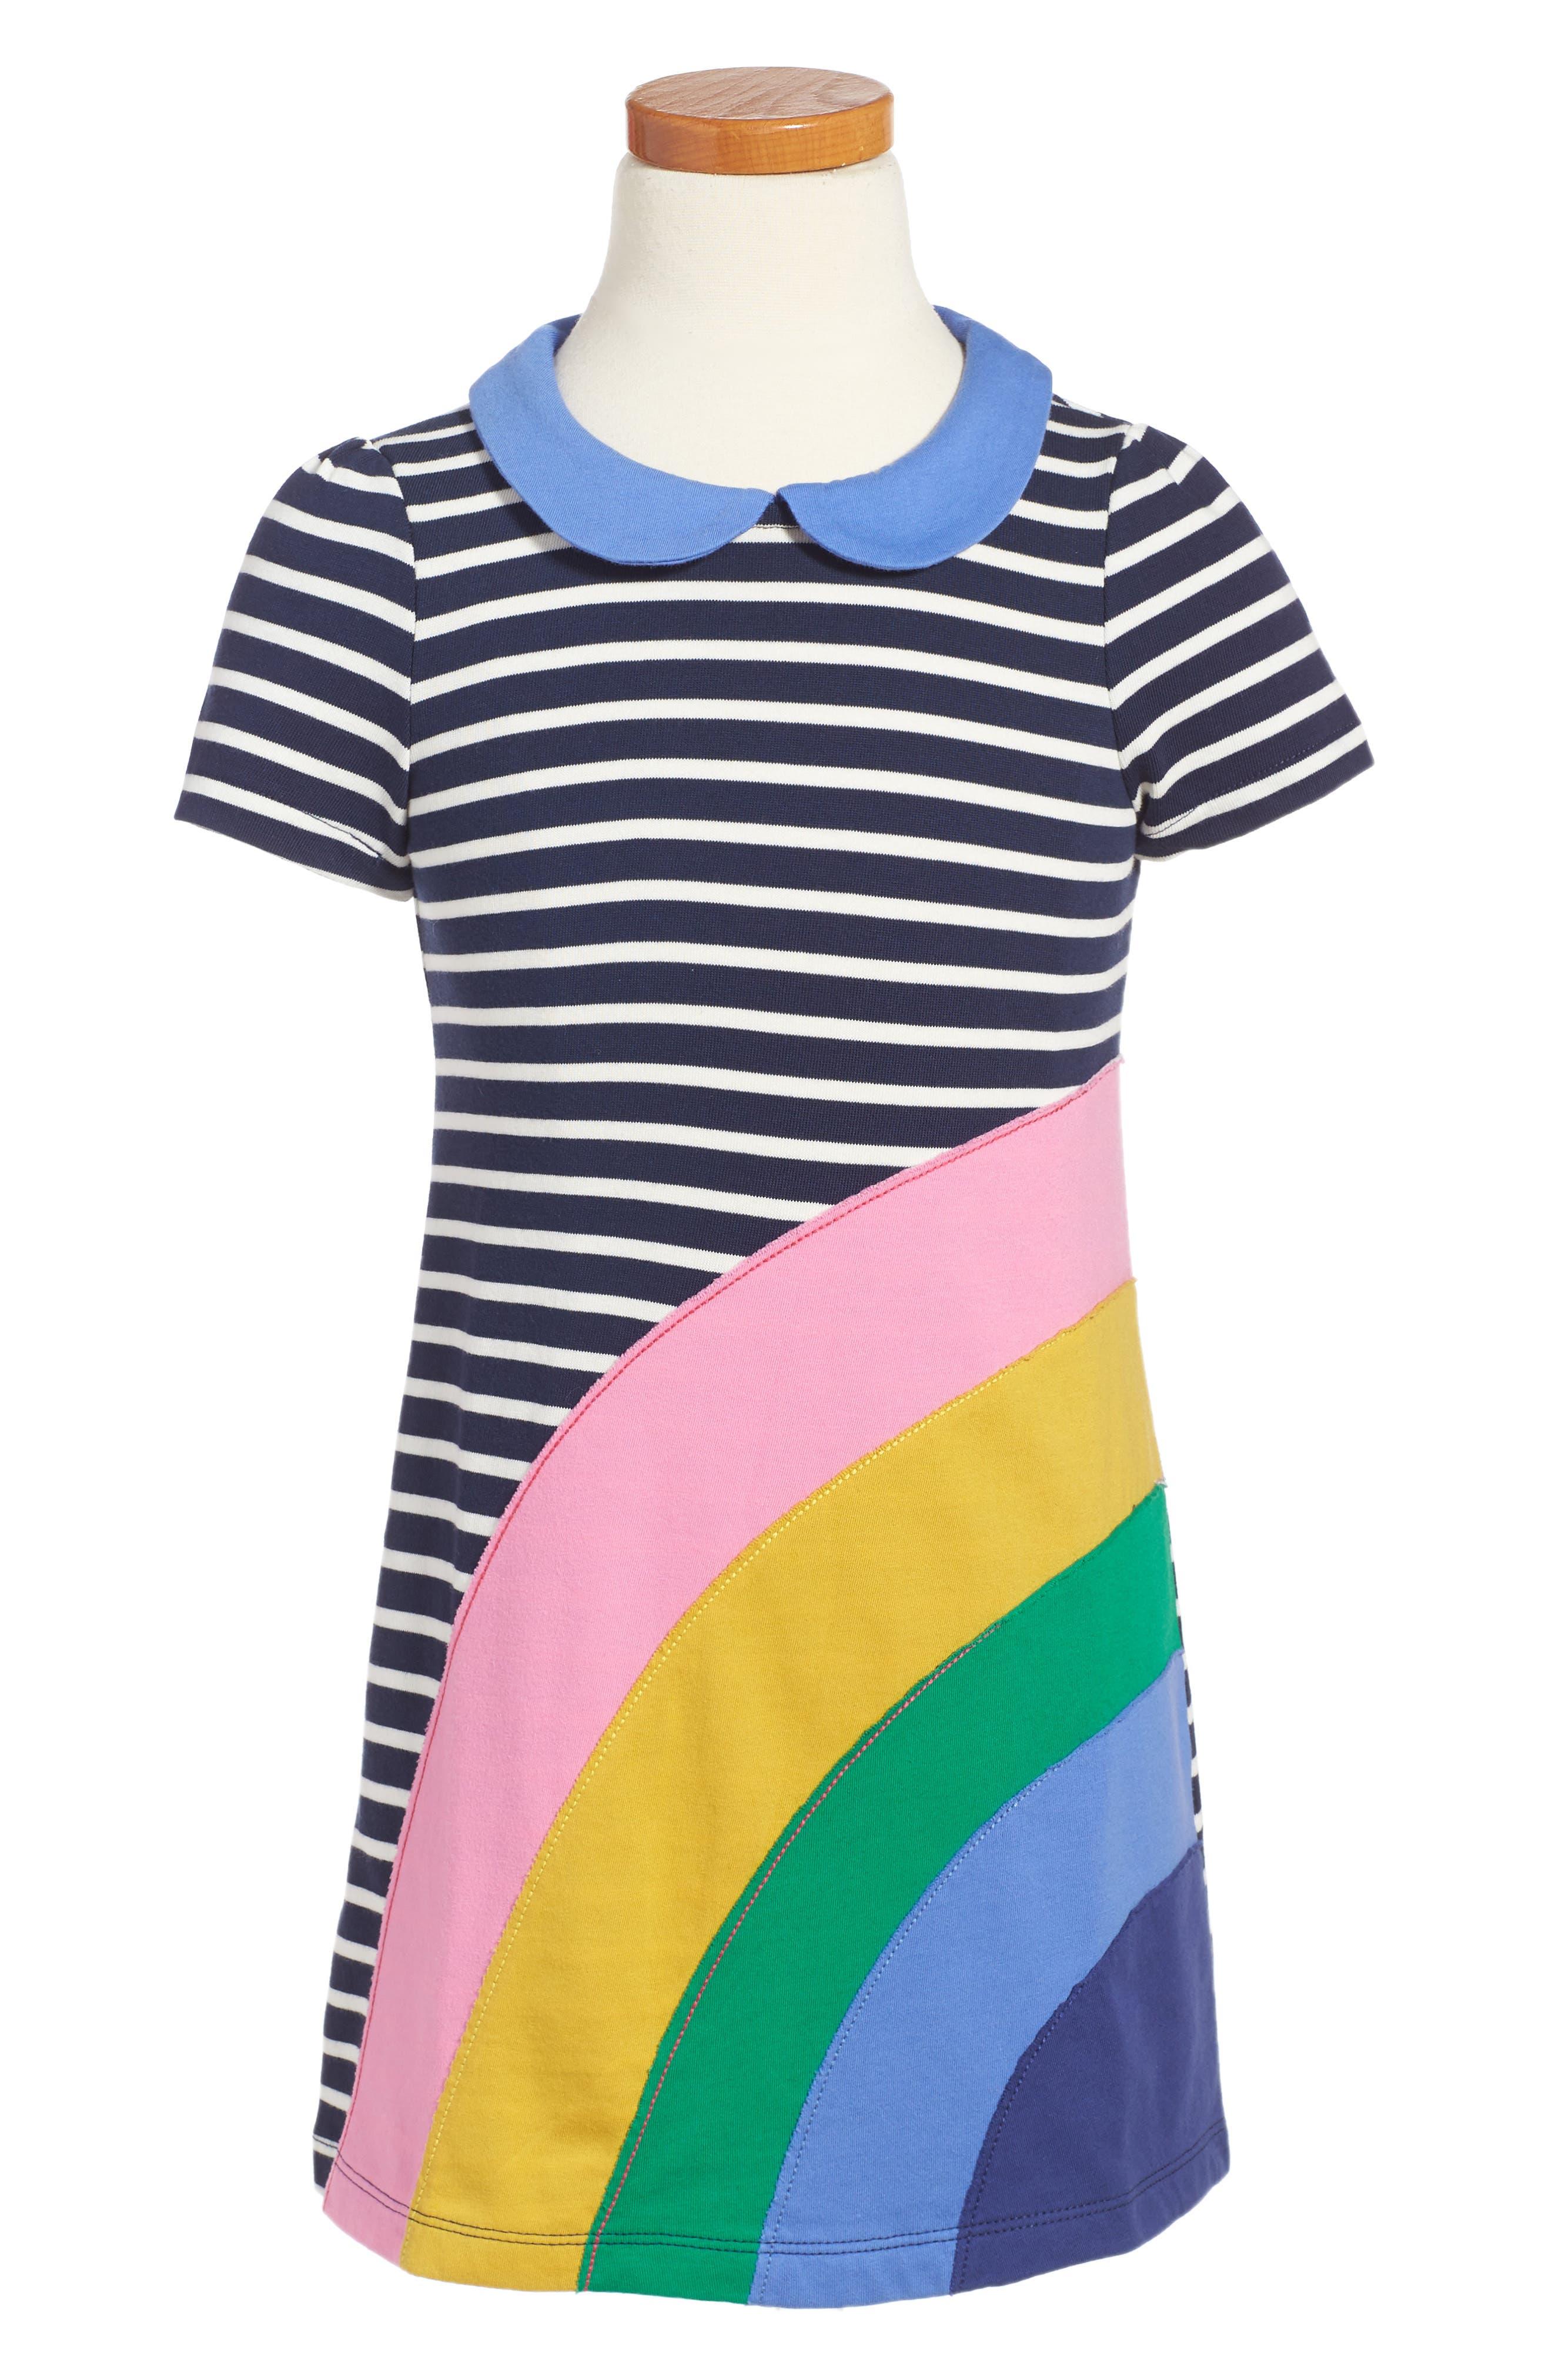 Mini Boden Fun Appliqué Jersey Dress (Toddler Girls, Little Girls & Big Girls)